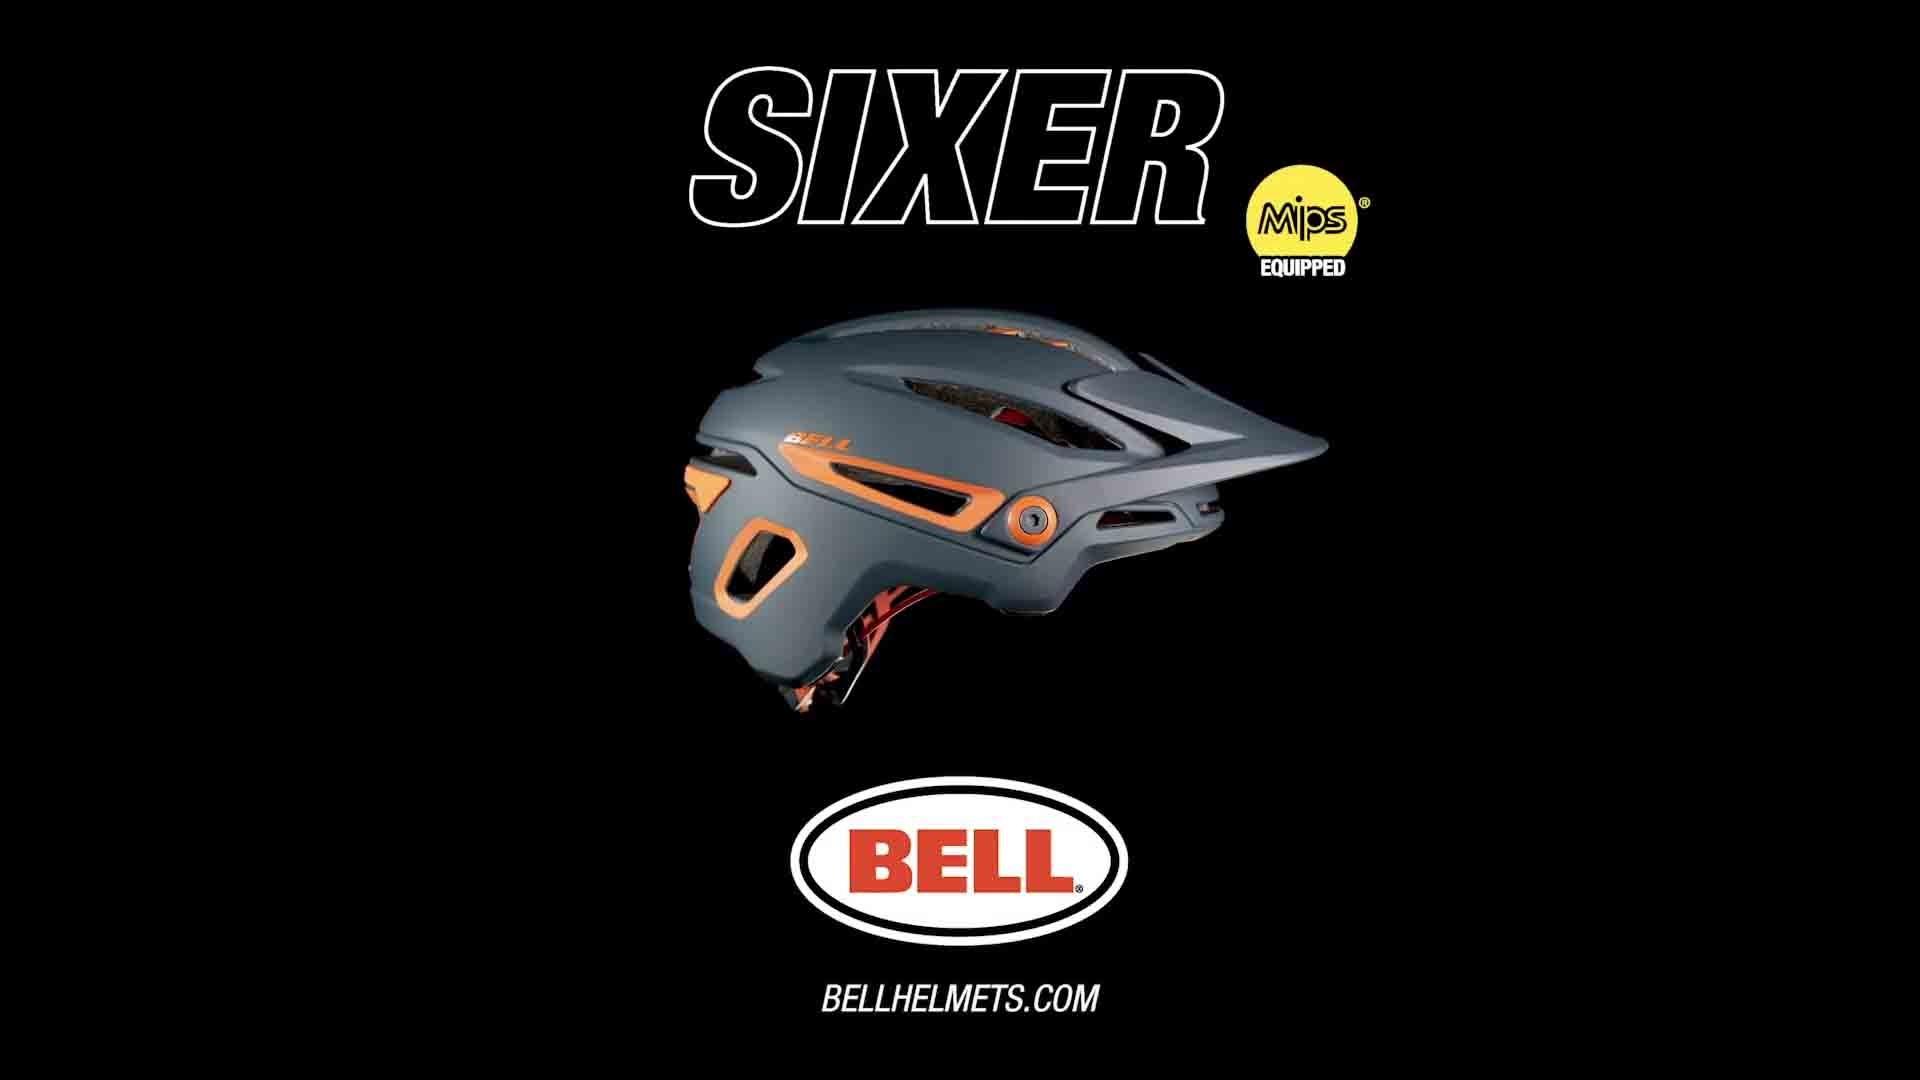 Sixer MIPS Tech Video | Bell Helmets